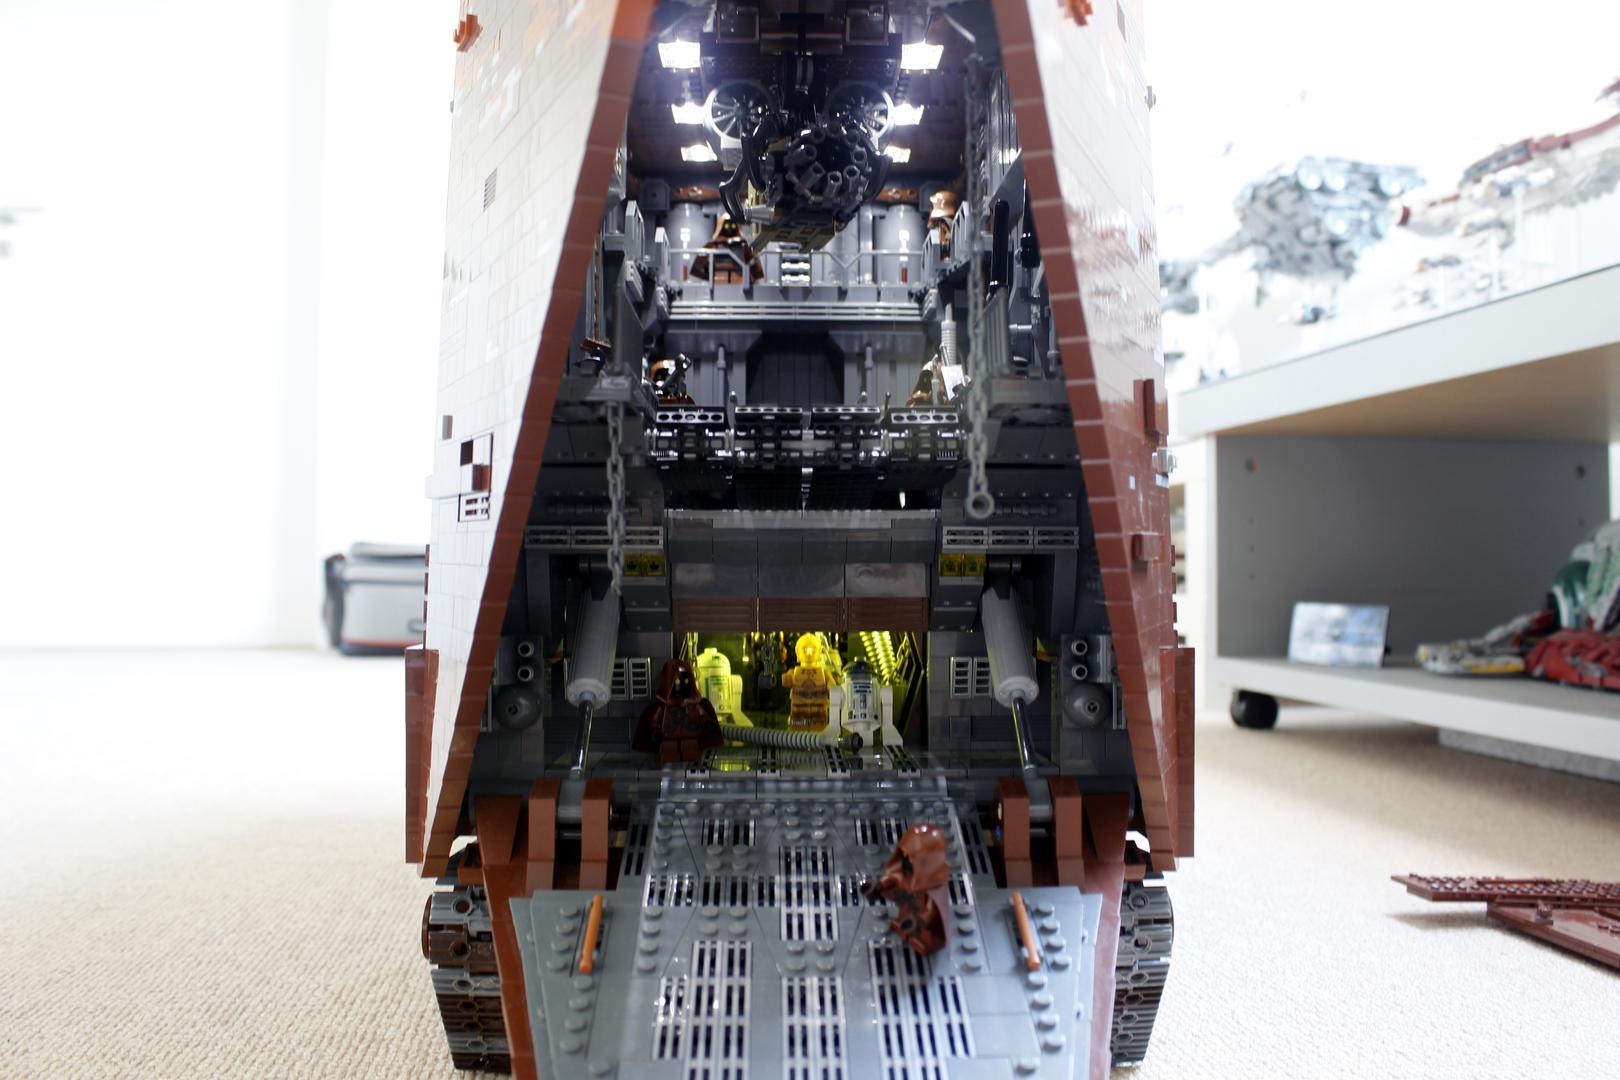 Lego Cavegod UCS Sandcrawler Instructions